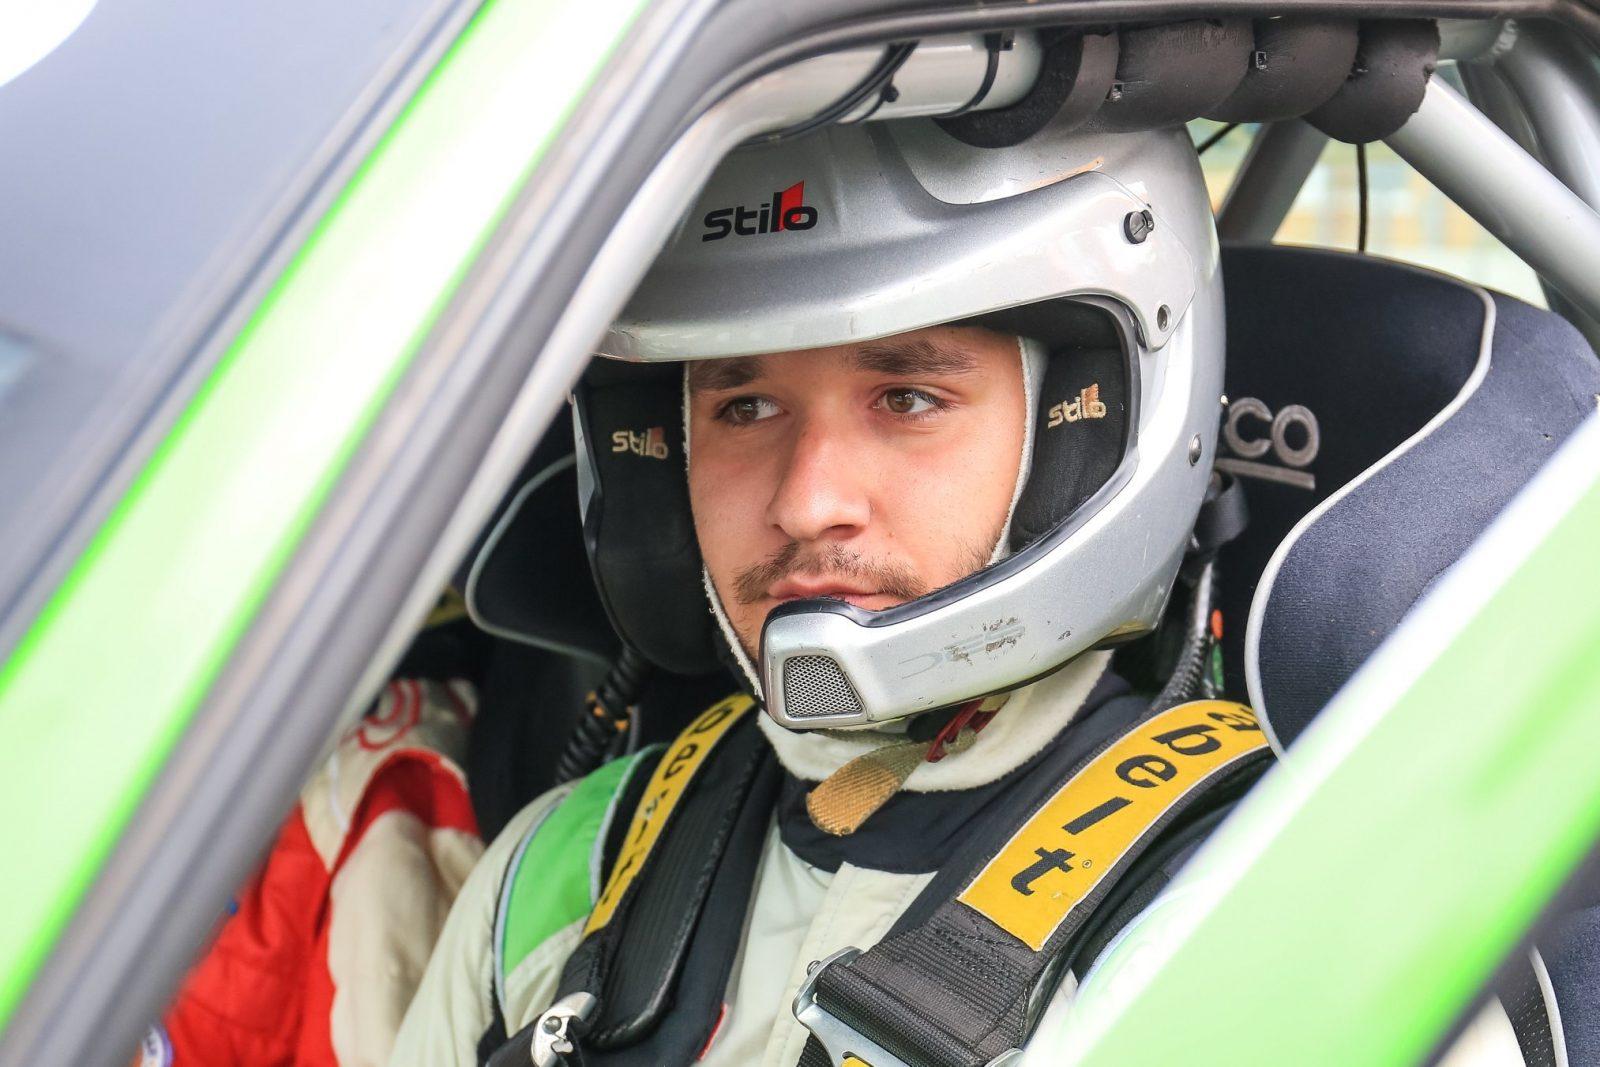 Norbert Maior conduce atât la Juniori, cât și la RC5.